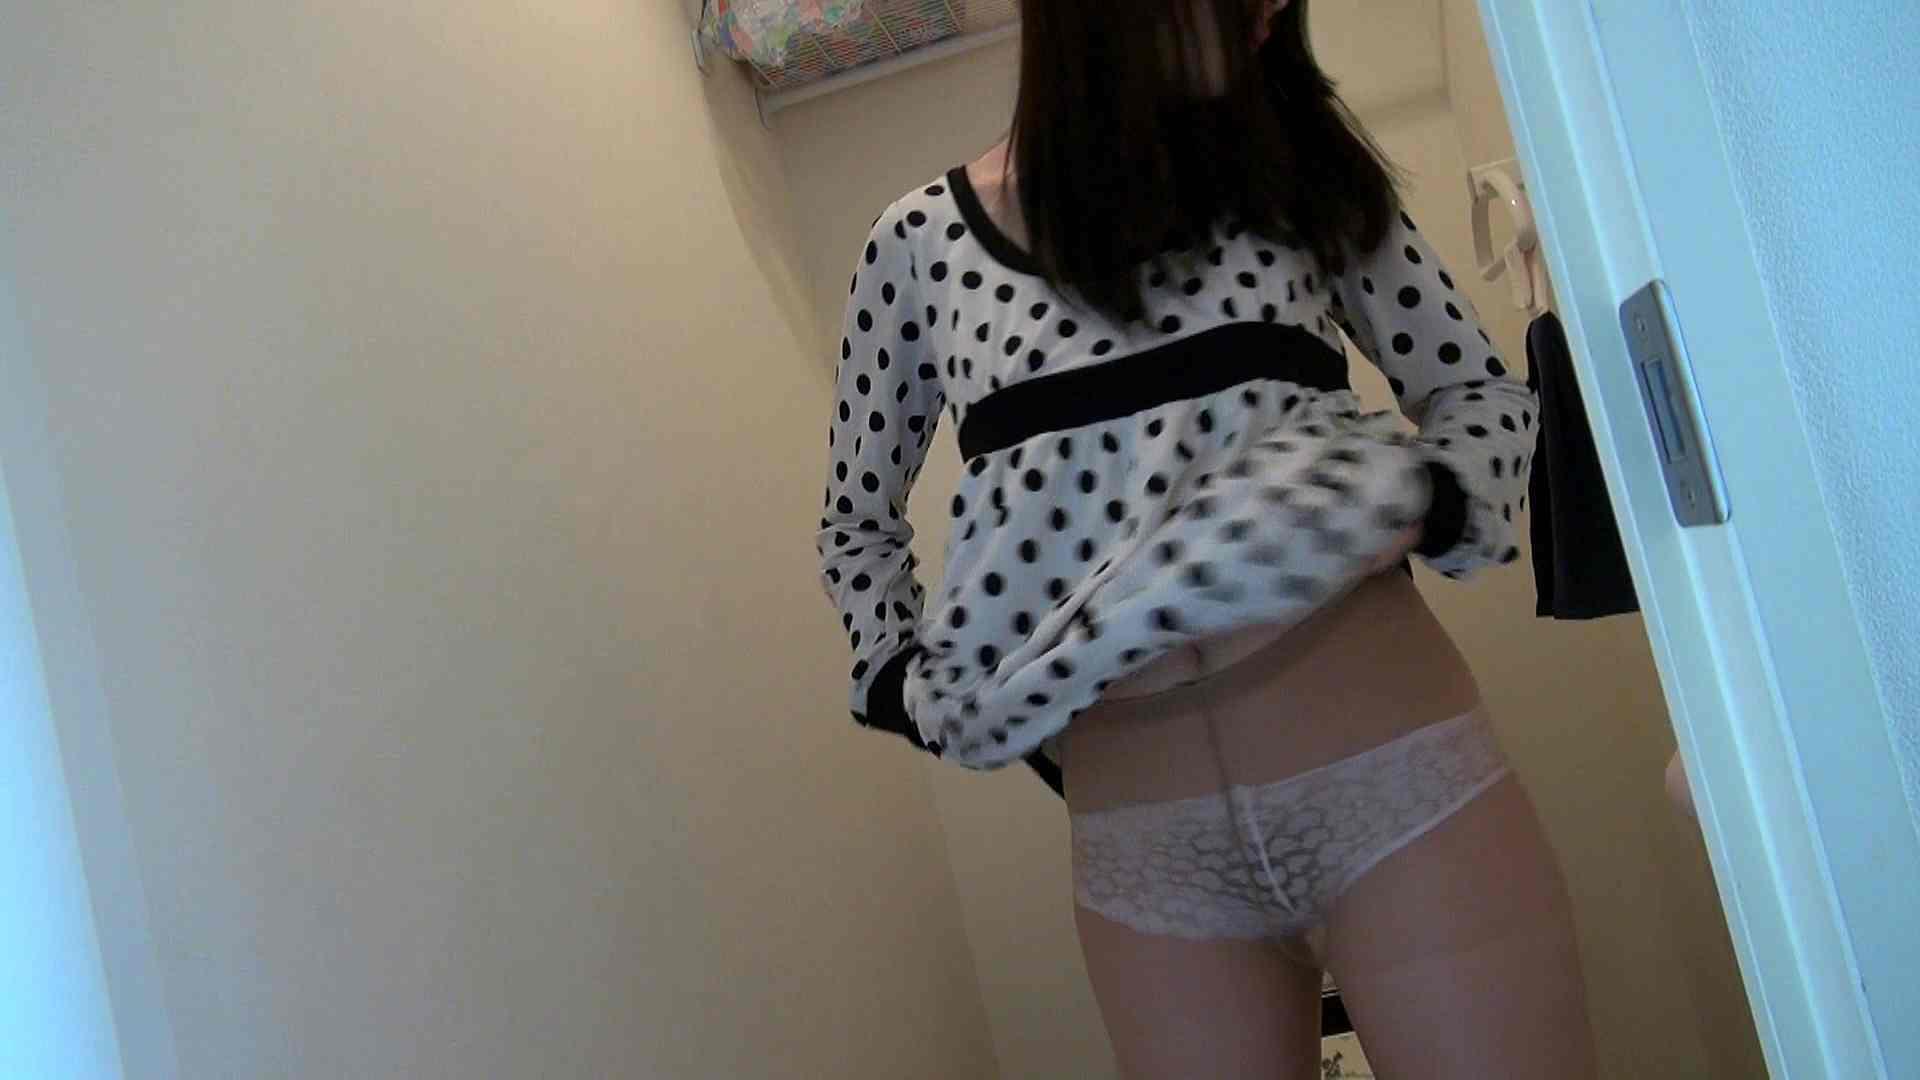 志穂さんにお手洗いに行ってもらいましょう 盗撮   おまんこ  78pic 68